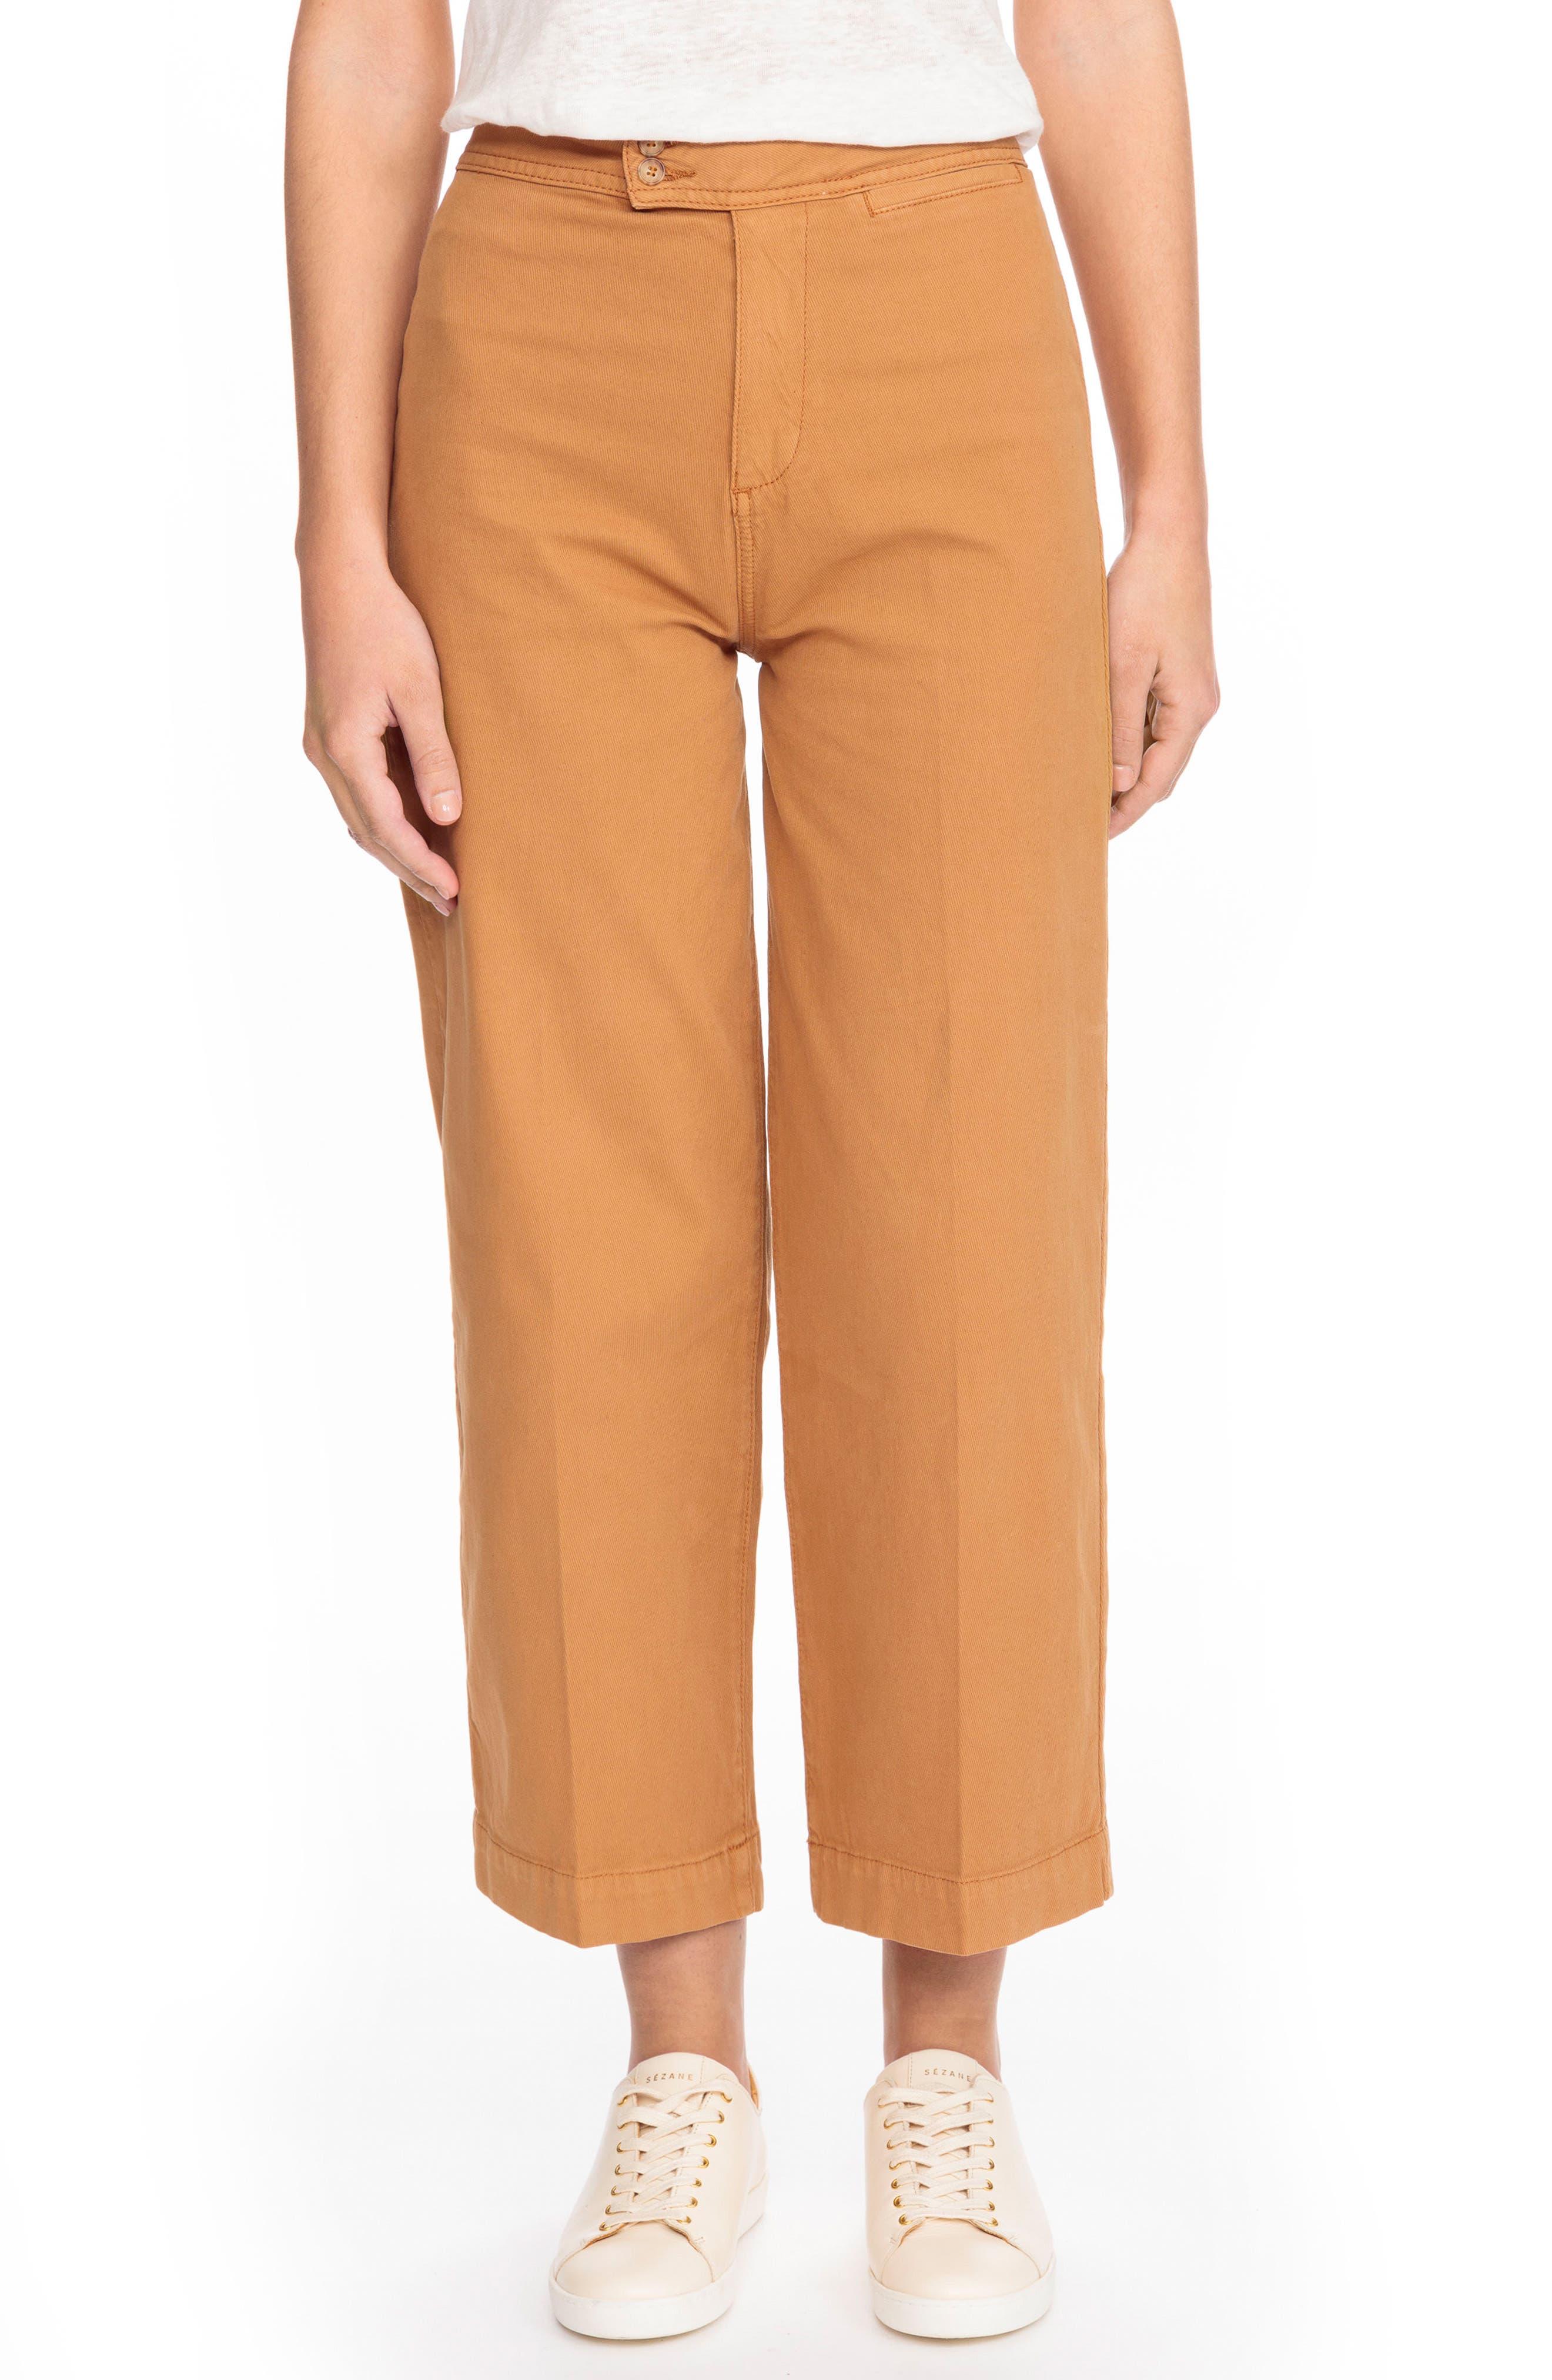 June Crop Pants,                             Main thumbnail 1, color,                             Ocre